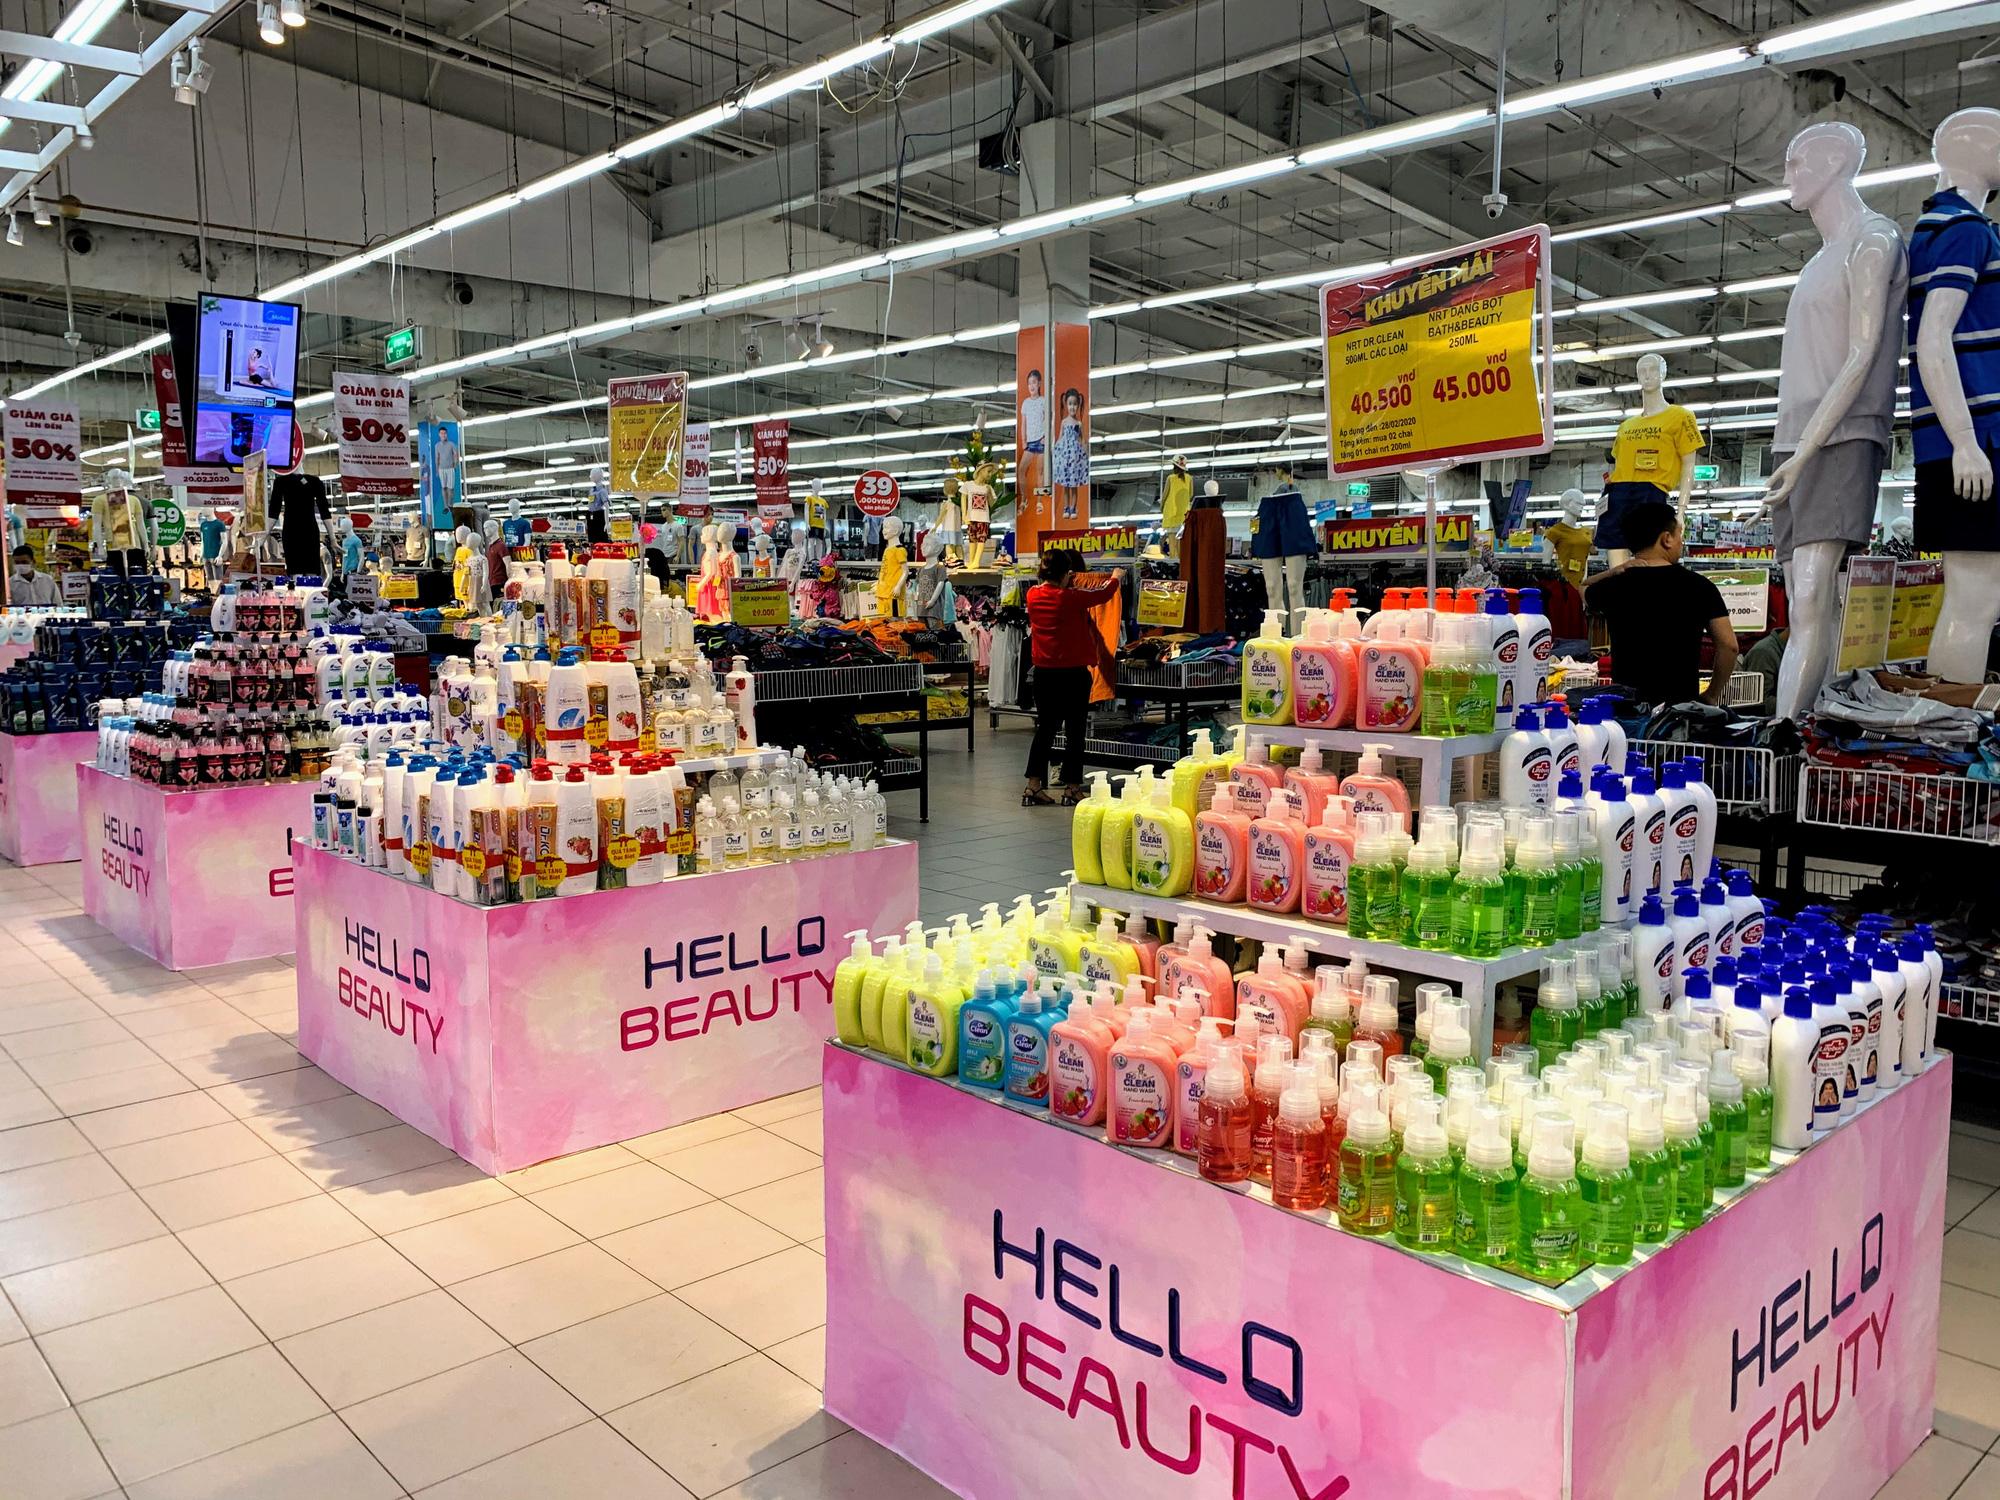 Ma trận nước rửa tay, gel sát khuẩn tại các siêu thị ở Hà Nội làm khó người tiêu dùng - Ảnh 2.